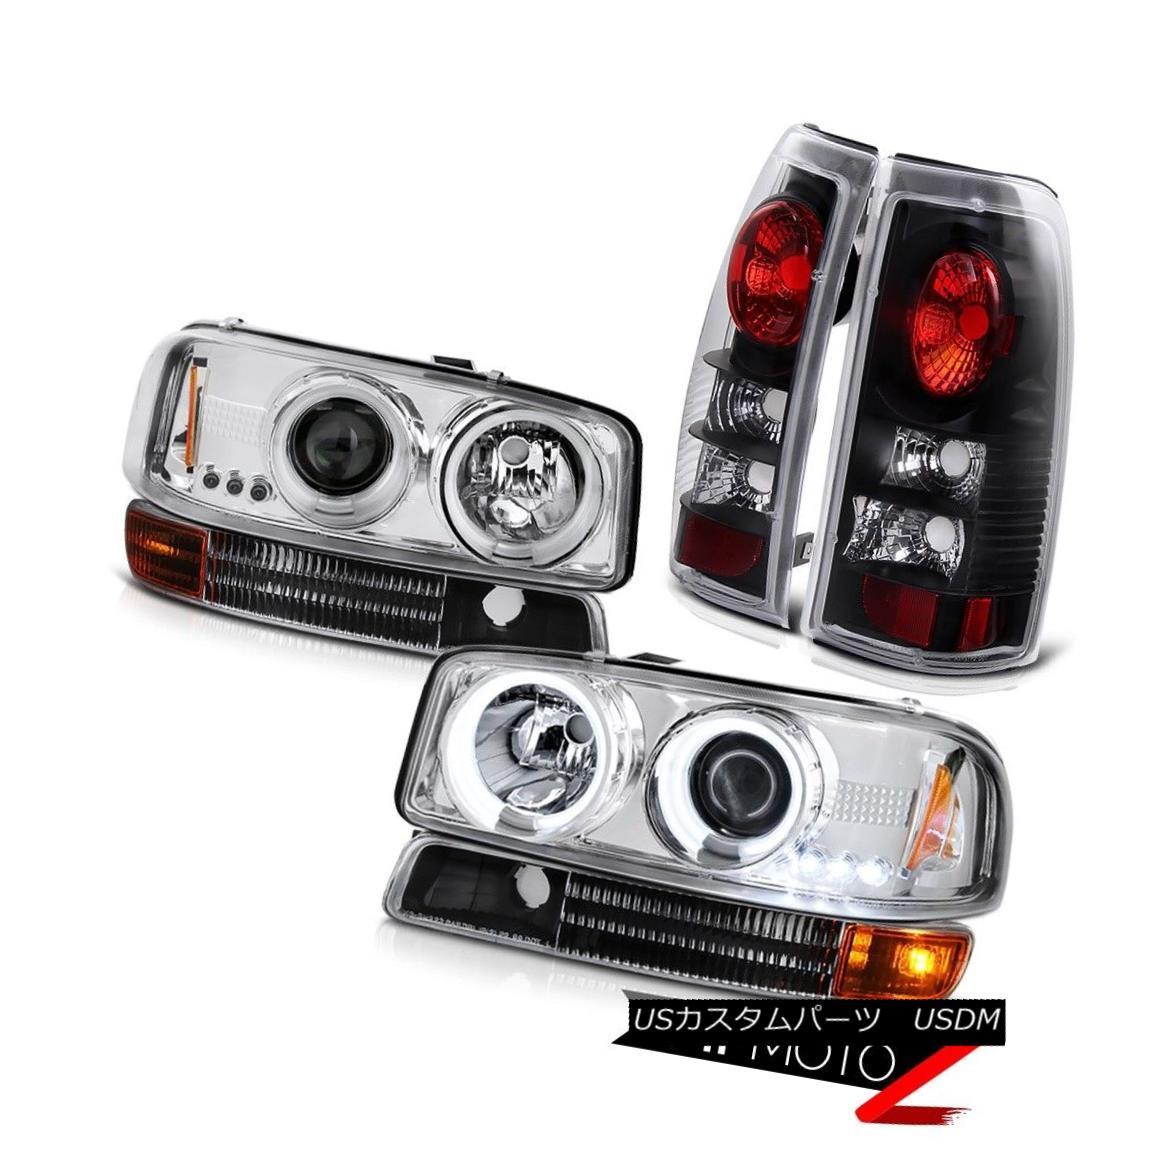 テールライト 99-03 Sierra 2500 3500 CCFL Ring Headlamp Infinity Black Parking Rear Taillight 99-03 Sierra 2500 3500 CCFLリングヘッドランプインフィニティブラックパーキングリアテールライト